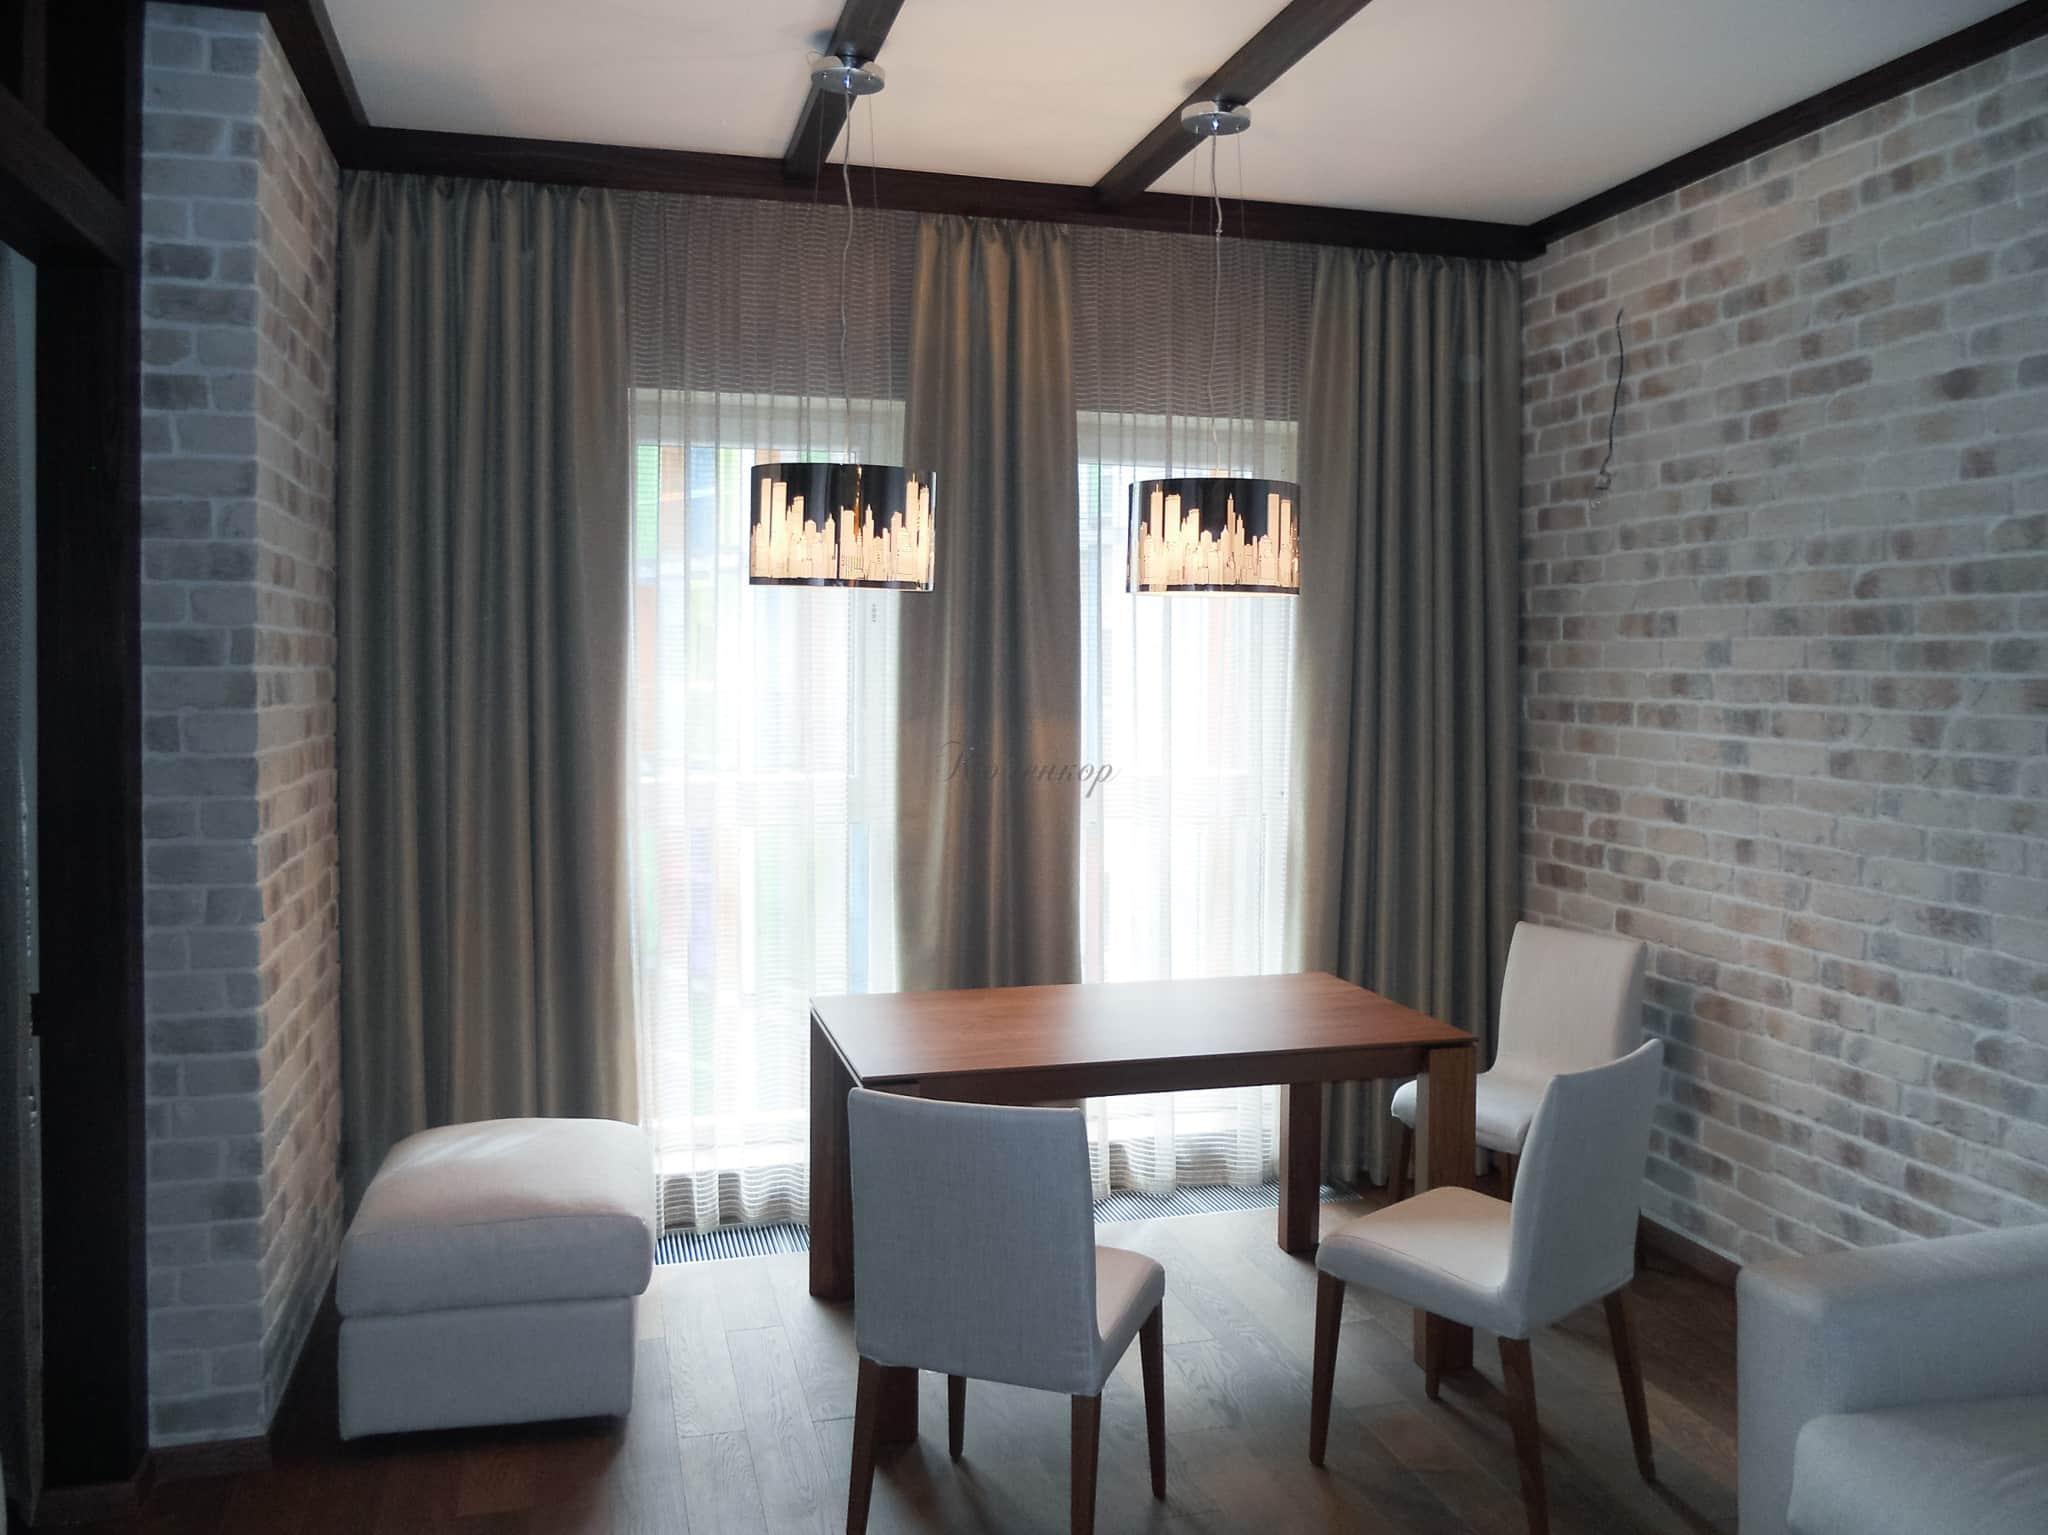 Короткие шторы (63 фото): шторы до подоконника в спальню, гостиную, занавески в комнату, варианты в интерьере 2020